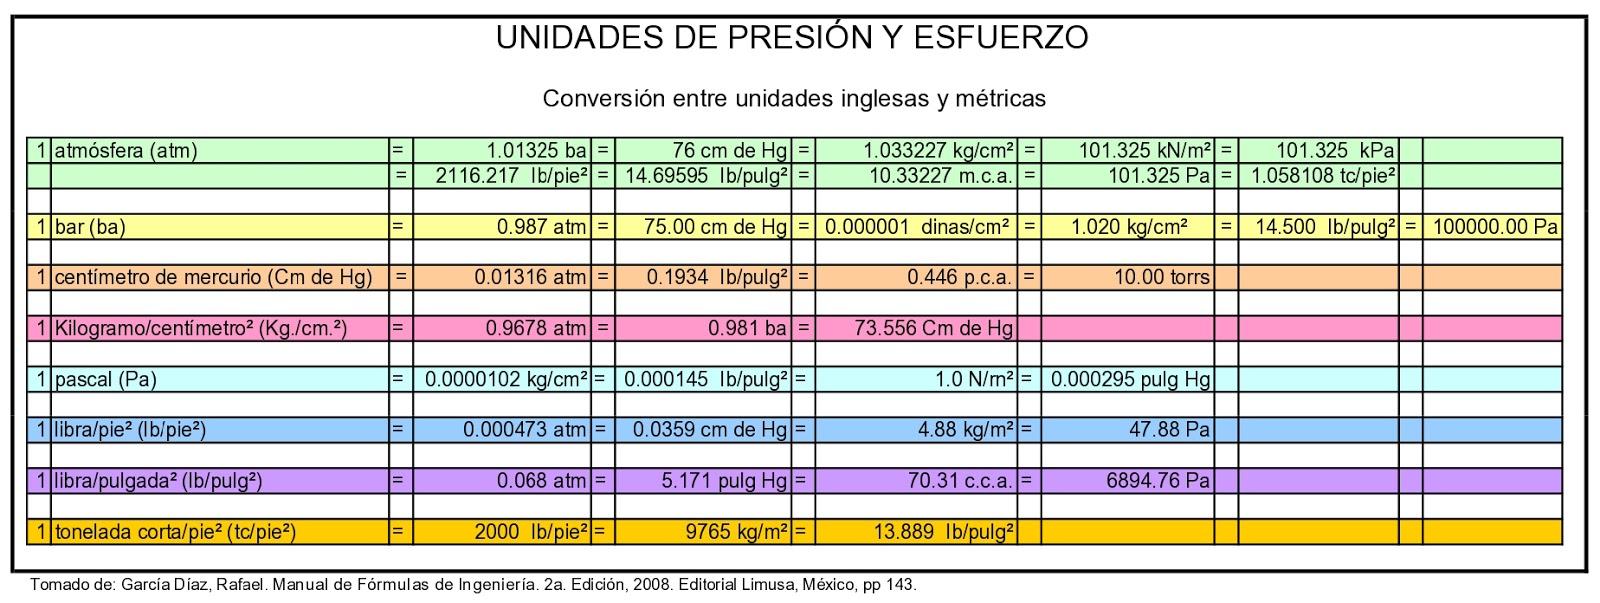 Farusac remoto conversiones de presi n y esfuerzo for Medidas en arquitectura pdf